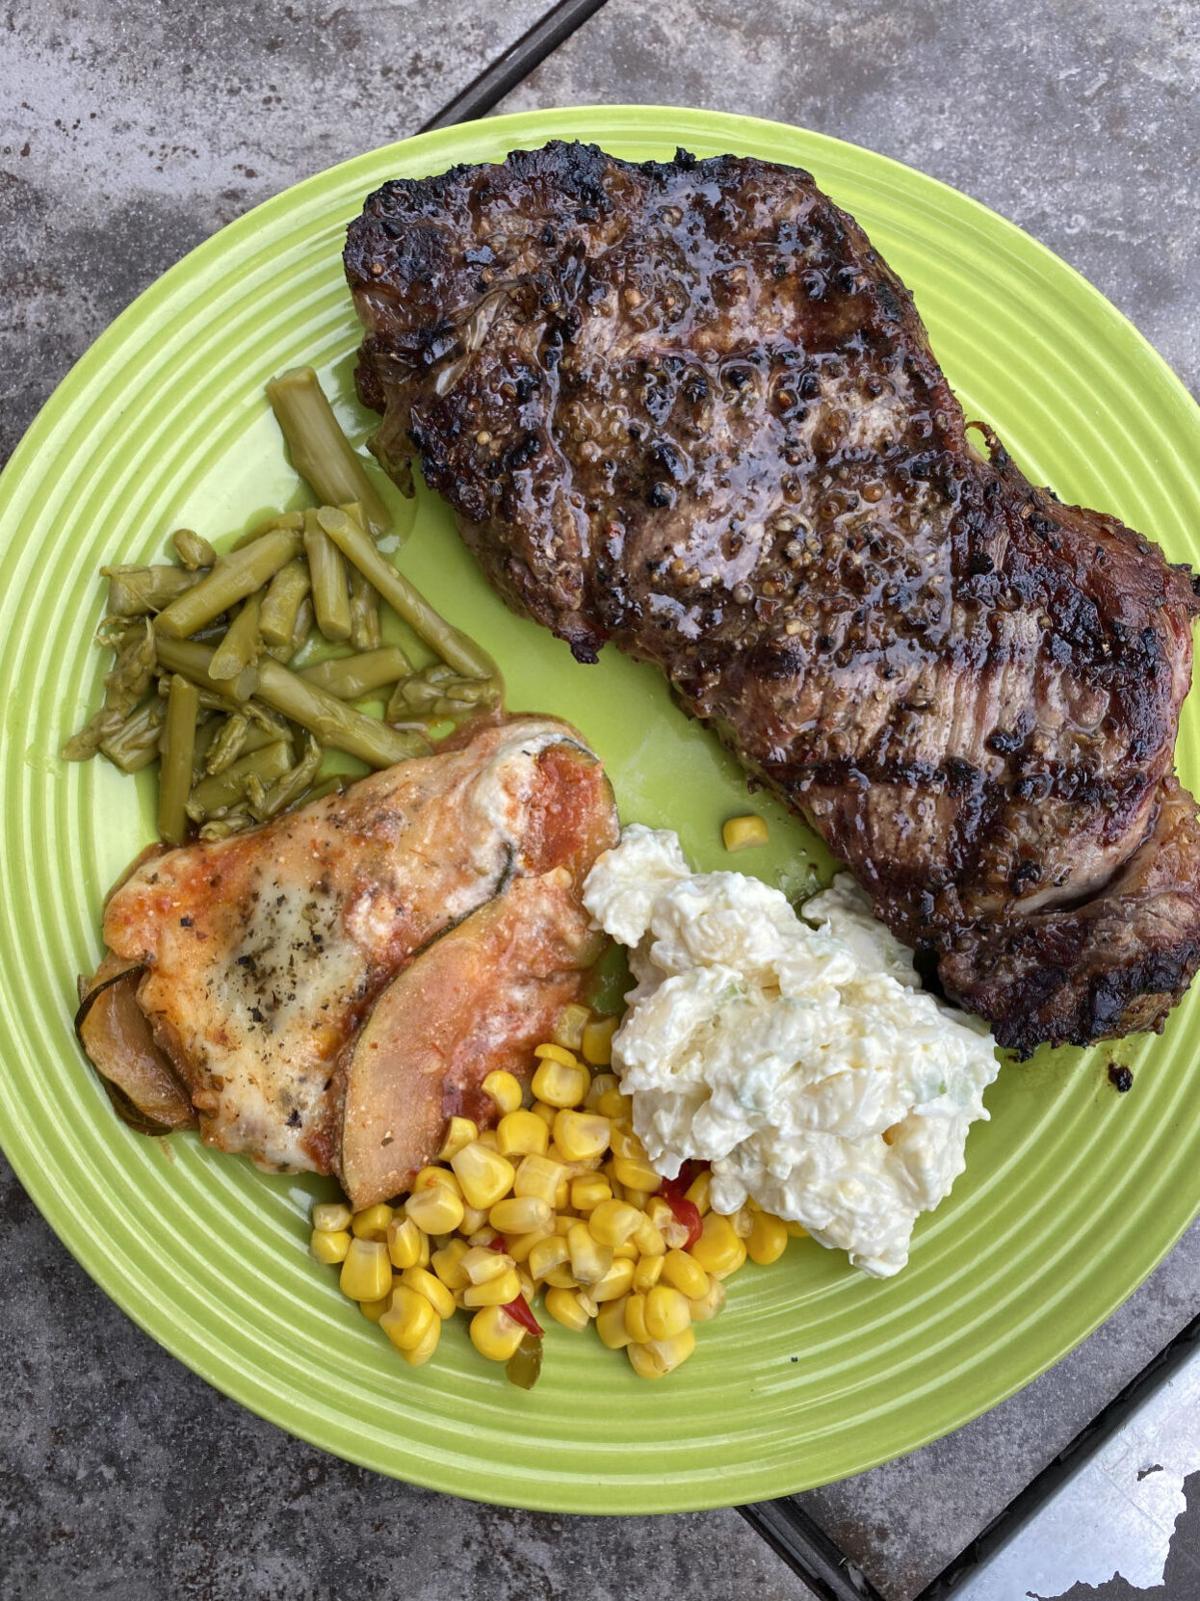 grilled steak.